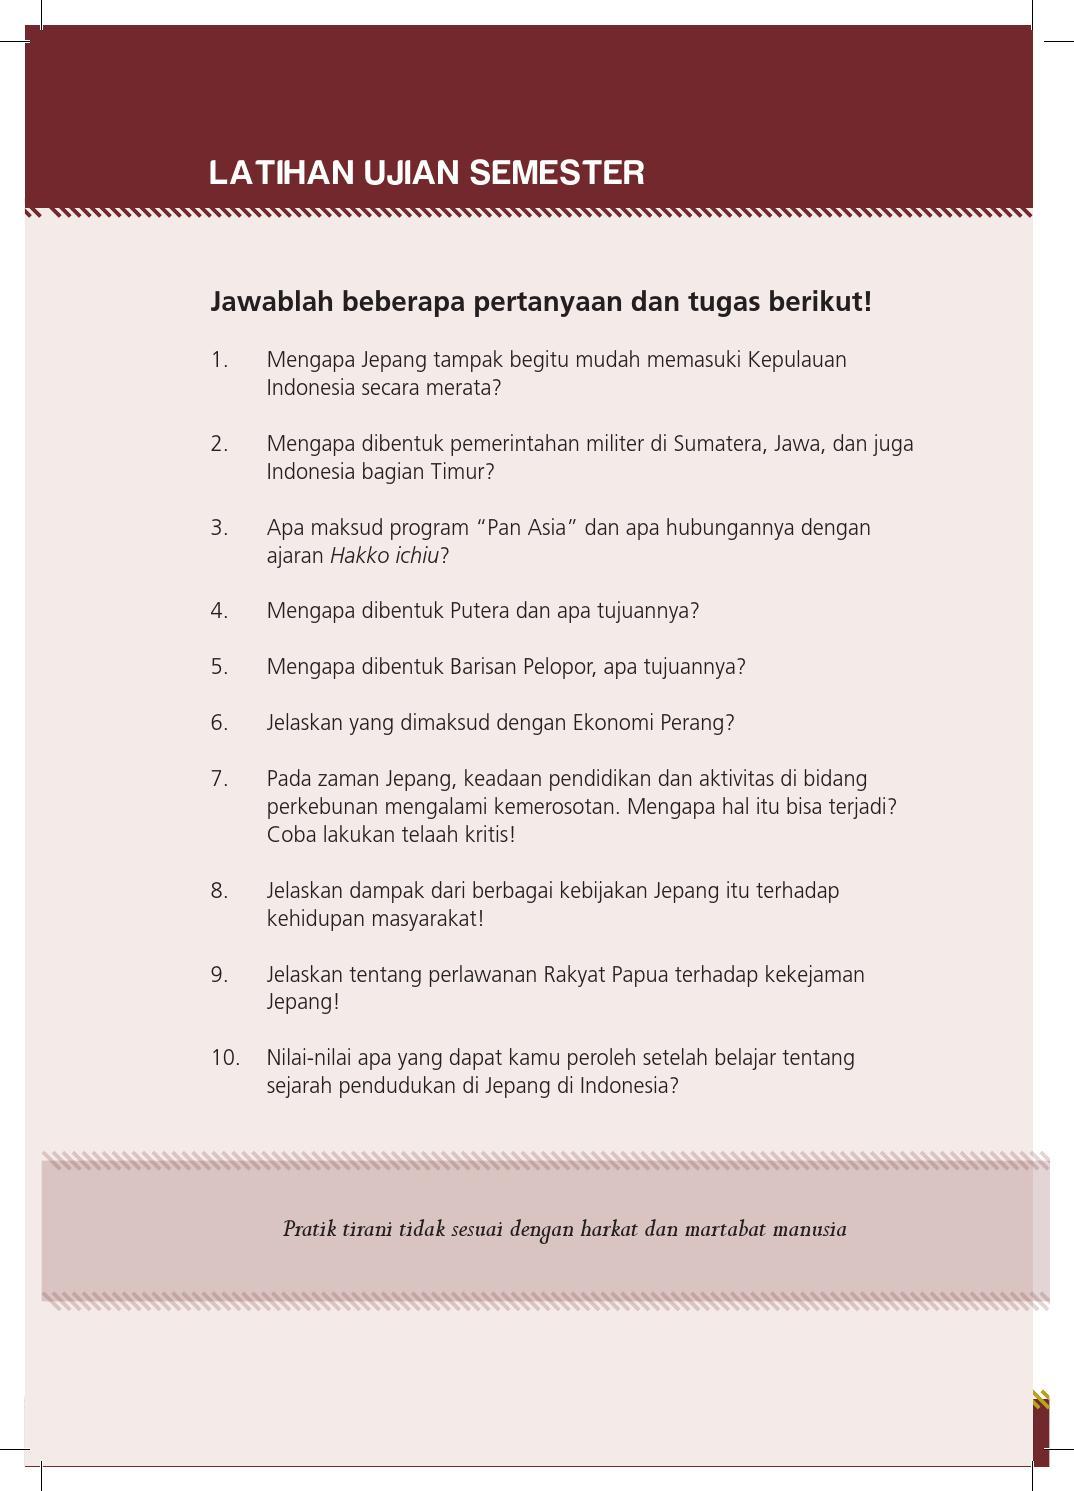 Sejarah indonesia sma,ma,smk,mak kelas xi semester 2 by ...